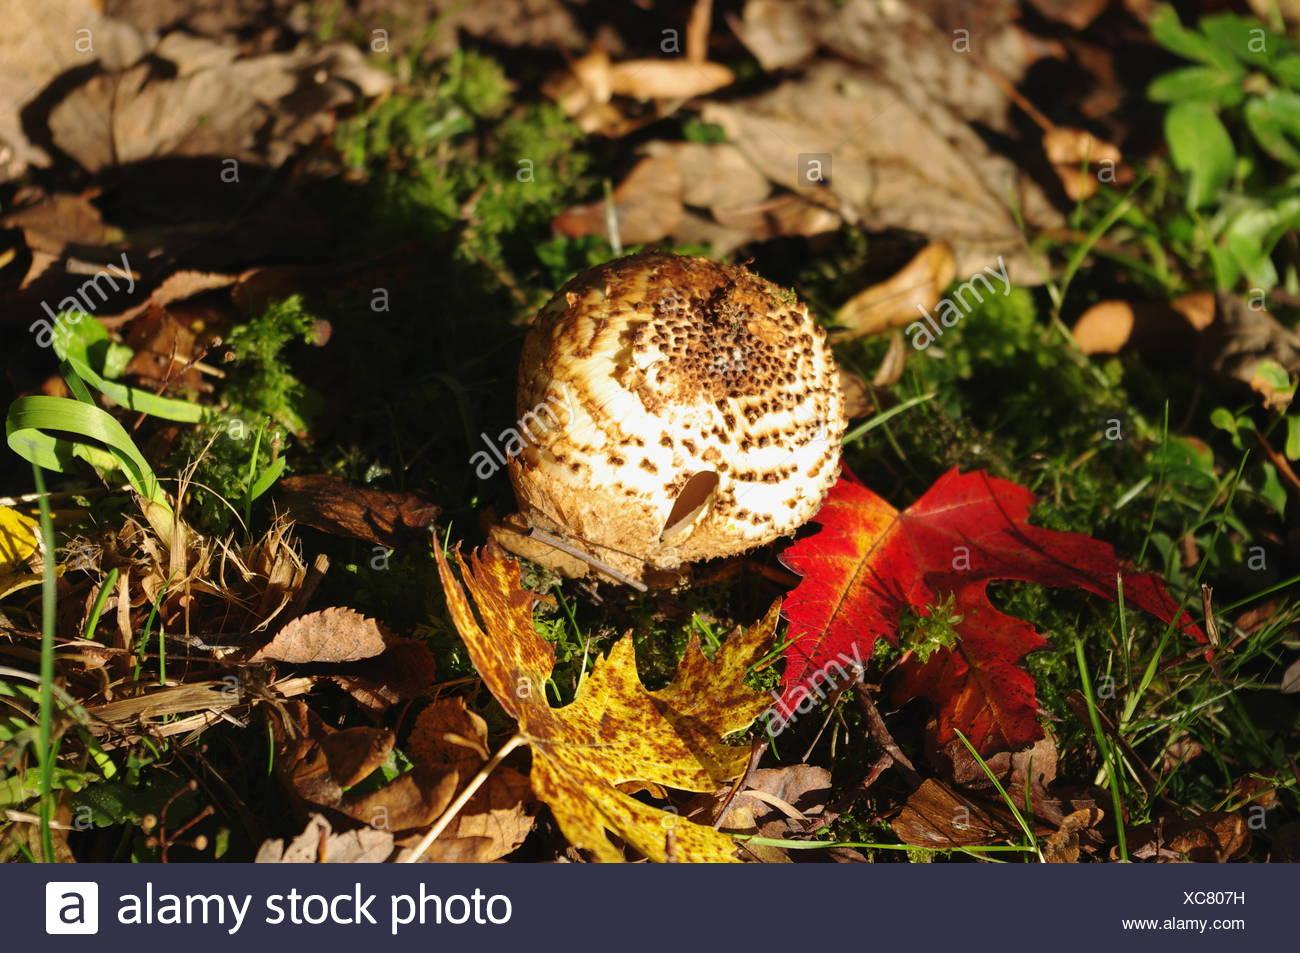 Freckled Dapperling (Lepiota aspera) - Stock Image